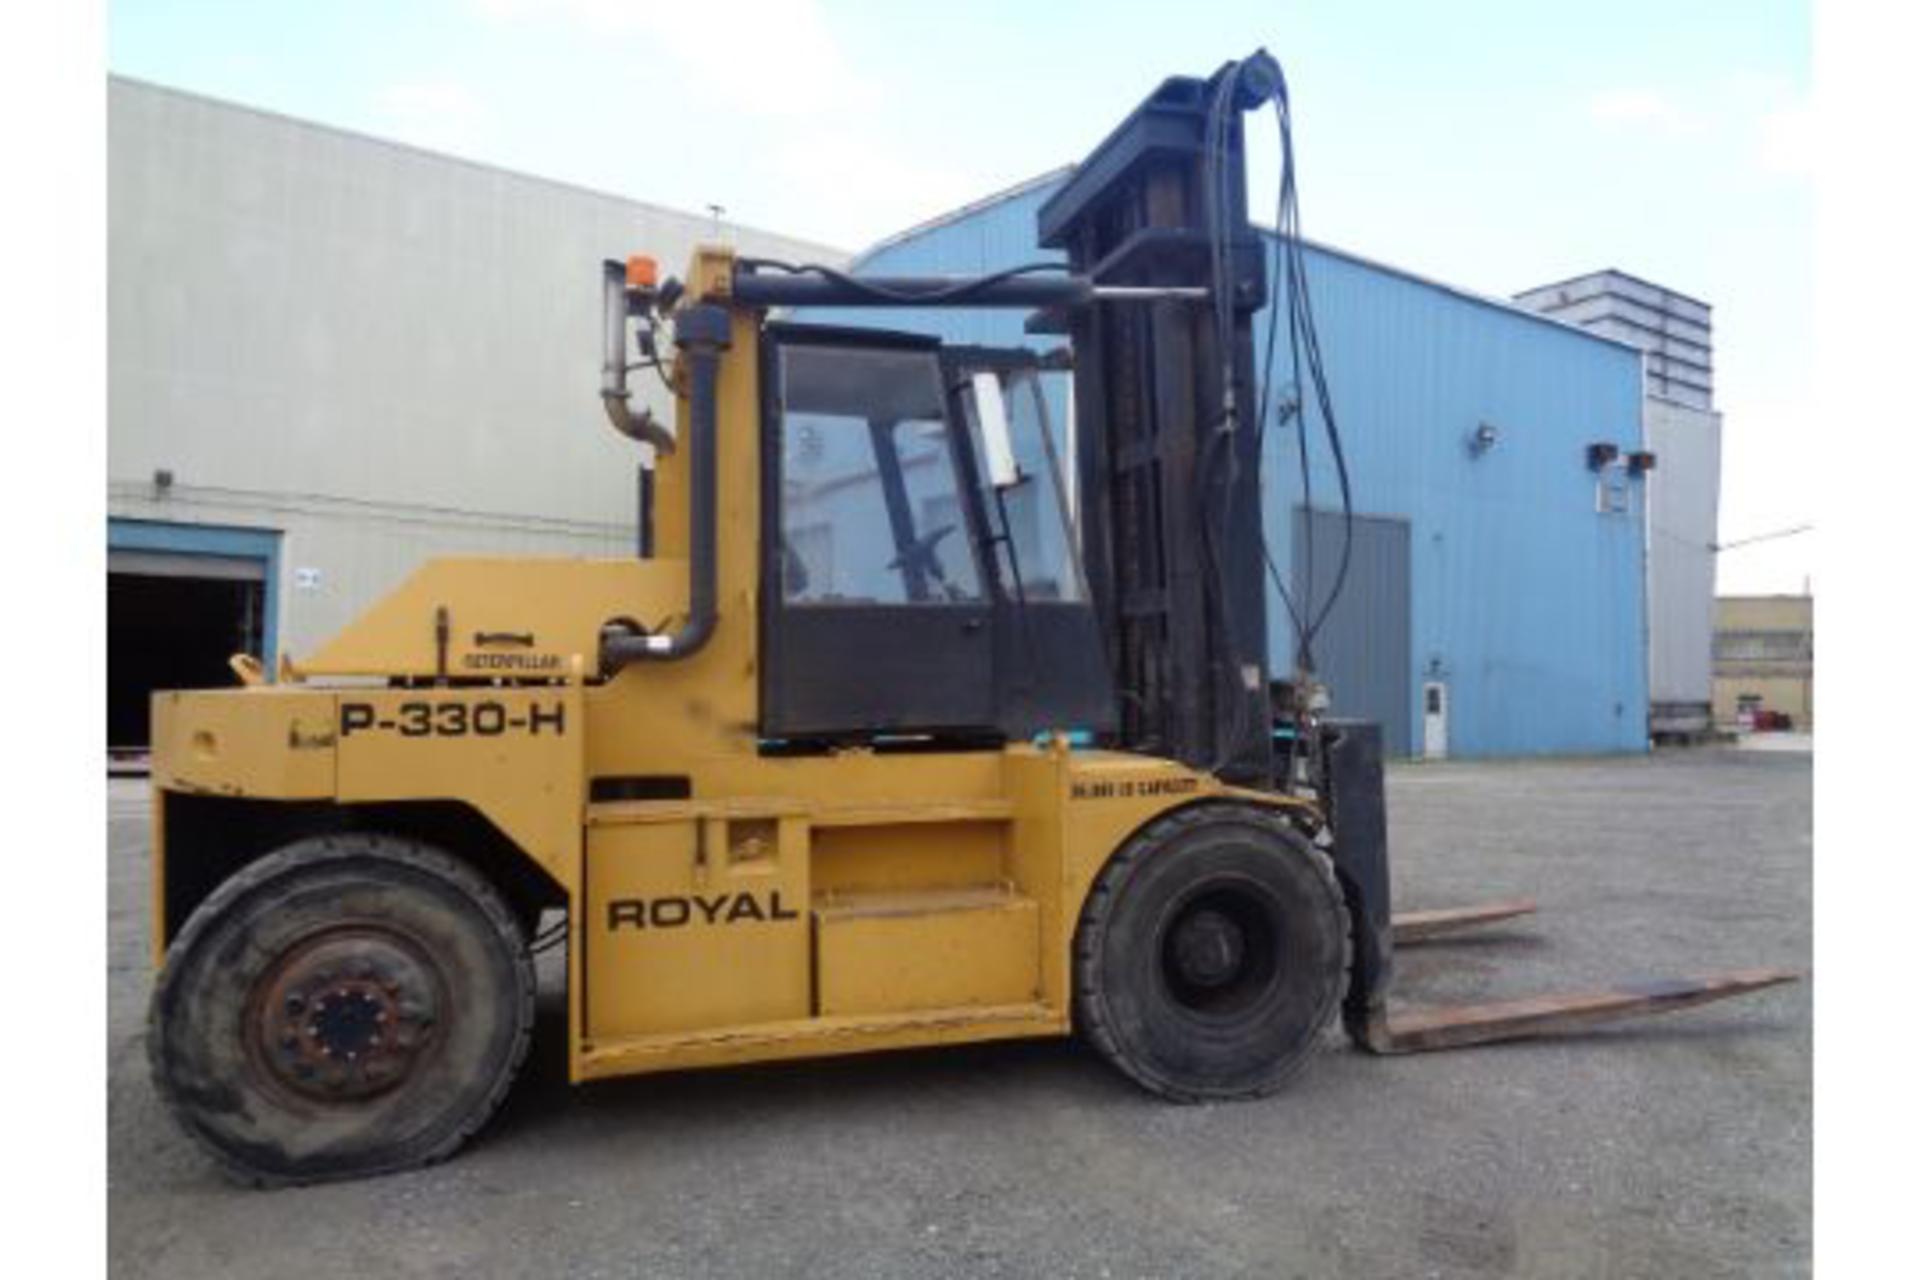 1998 Royal P330H 36,000lb Forklift - Image 7 of 19